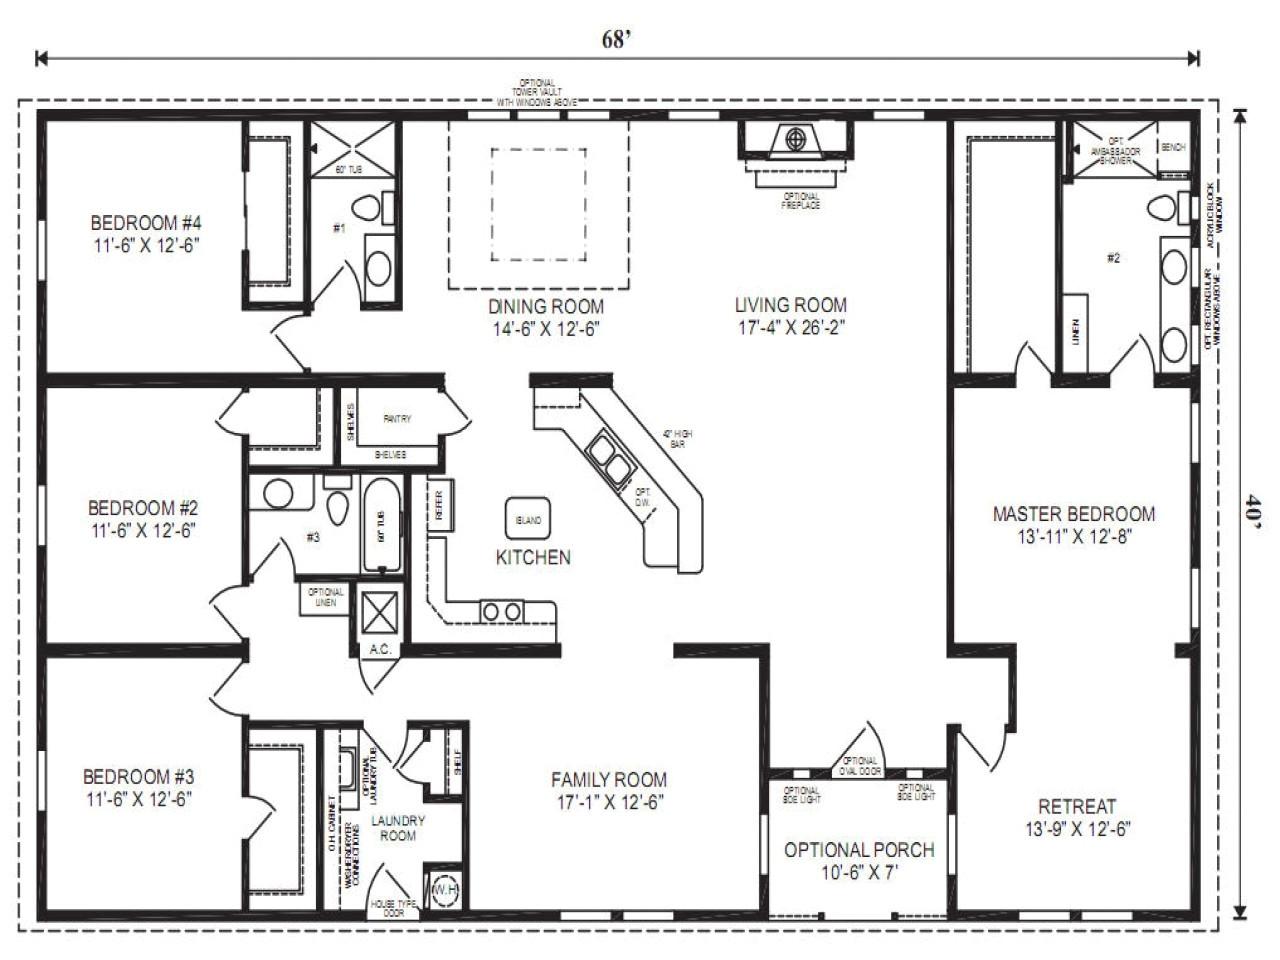 double wide trailer floor plan